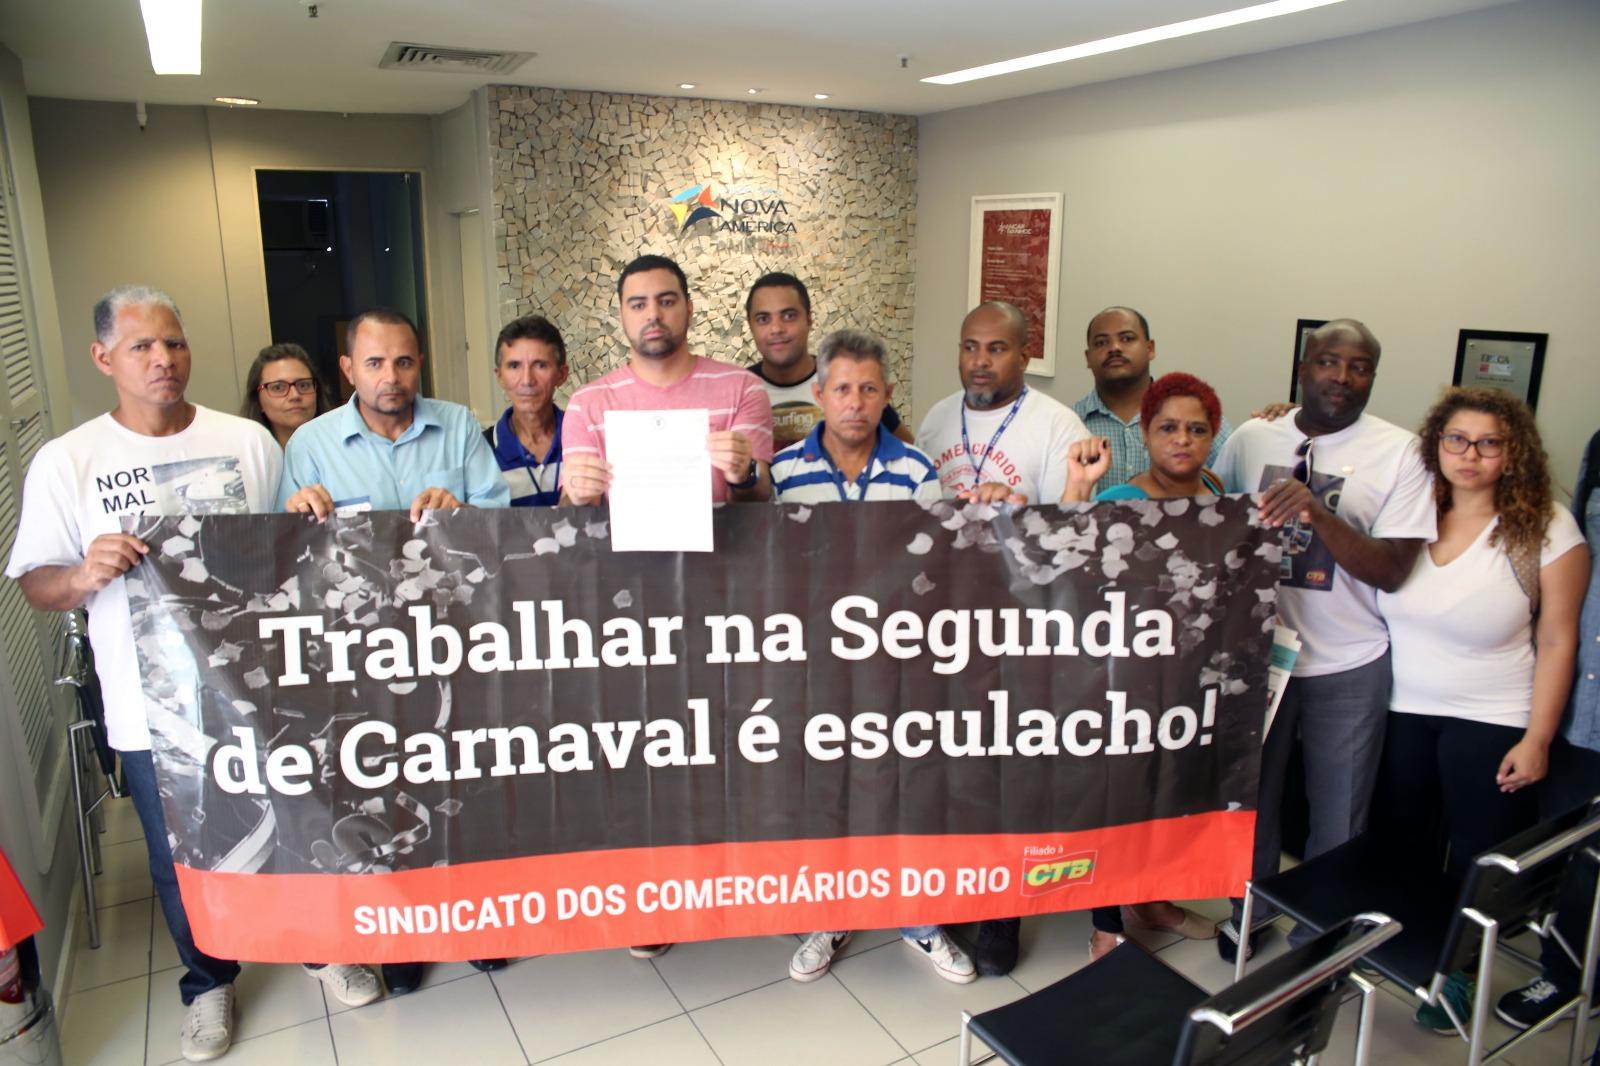 Diretores e assessores do Sindicato no momento da entrega da carta à administração do Nova América. Foto: Wellington Santos/ Comerciários